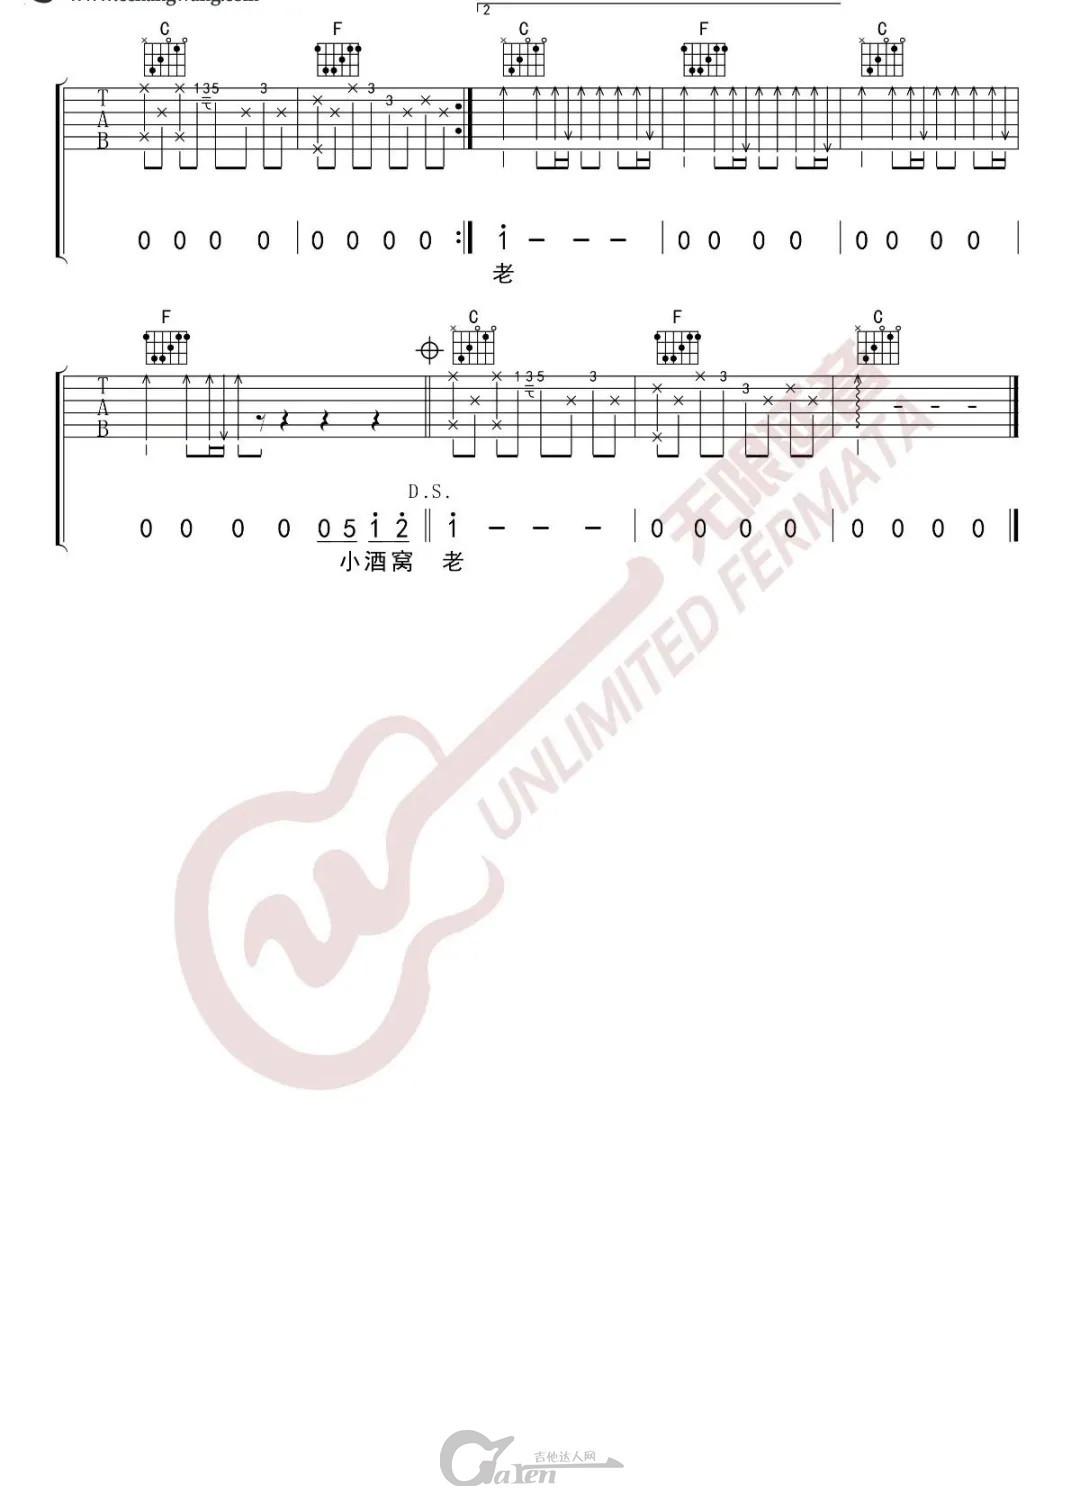 林俊杰《小酒窝》E调吉他谱_吉他教学视频_吉他达人网